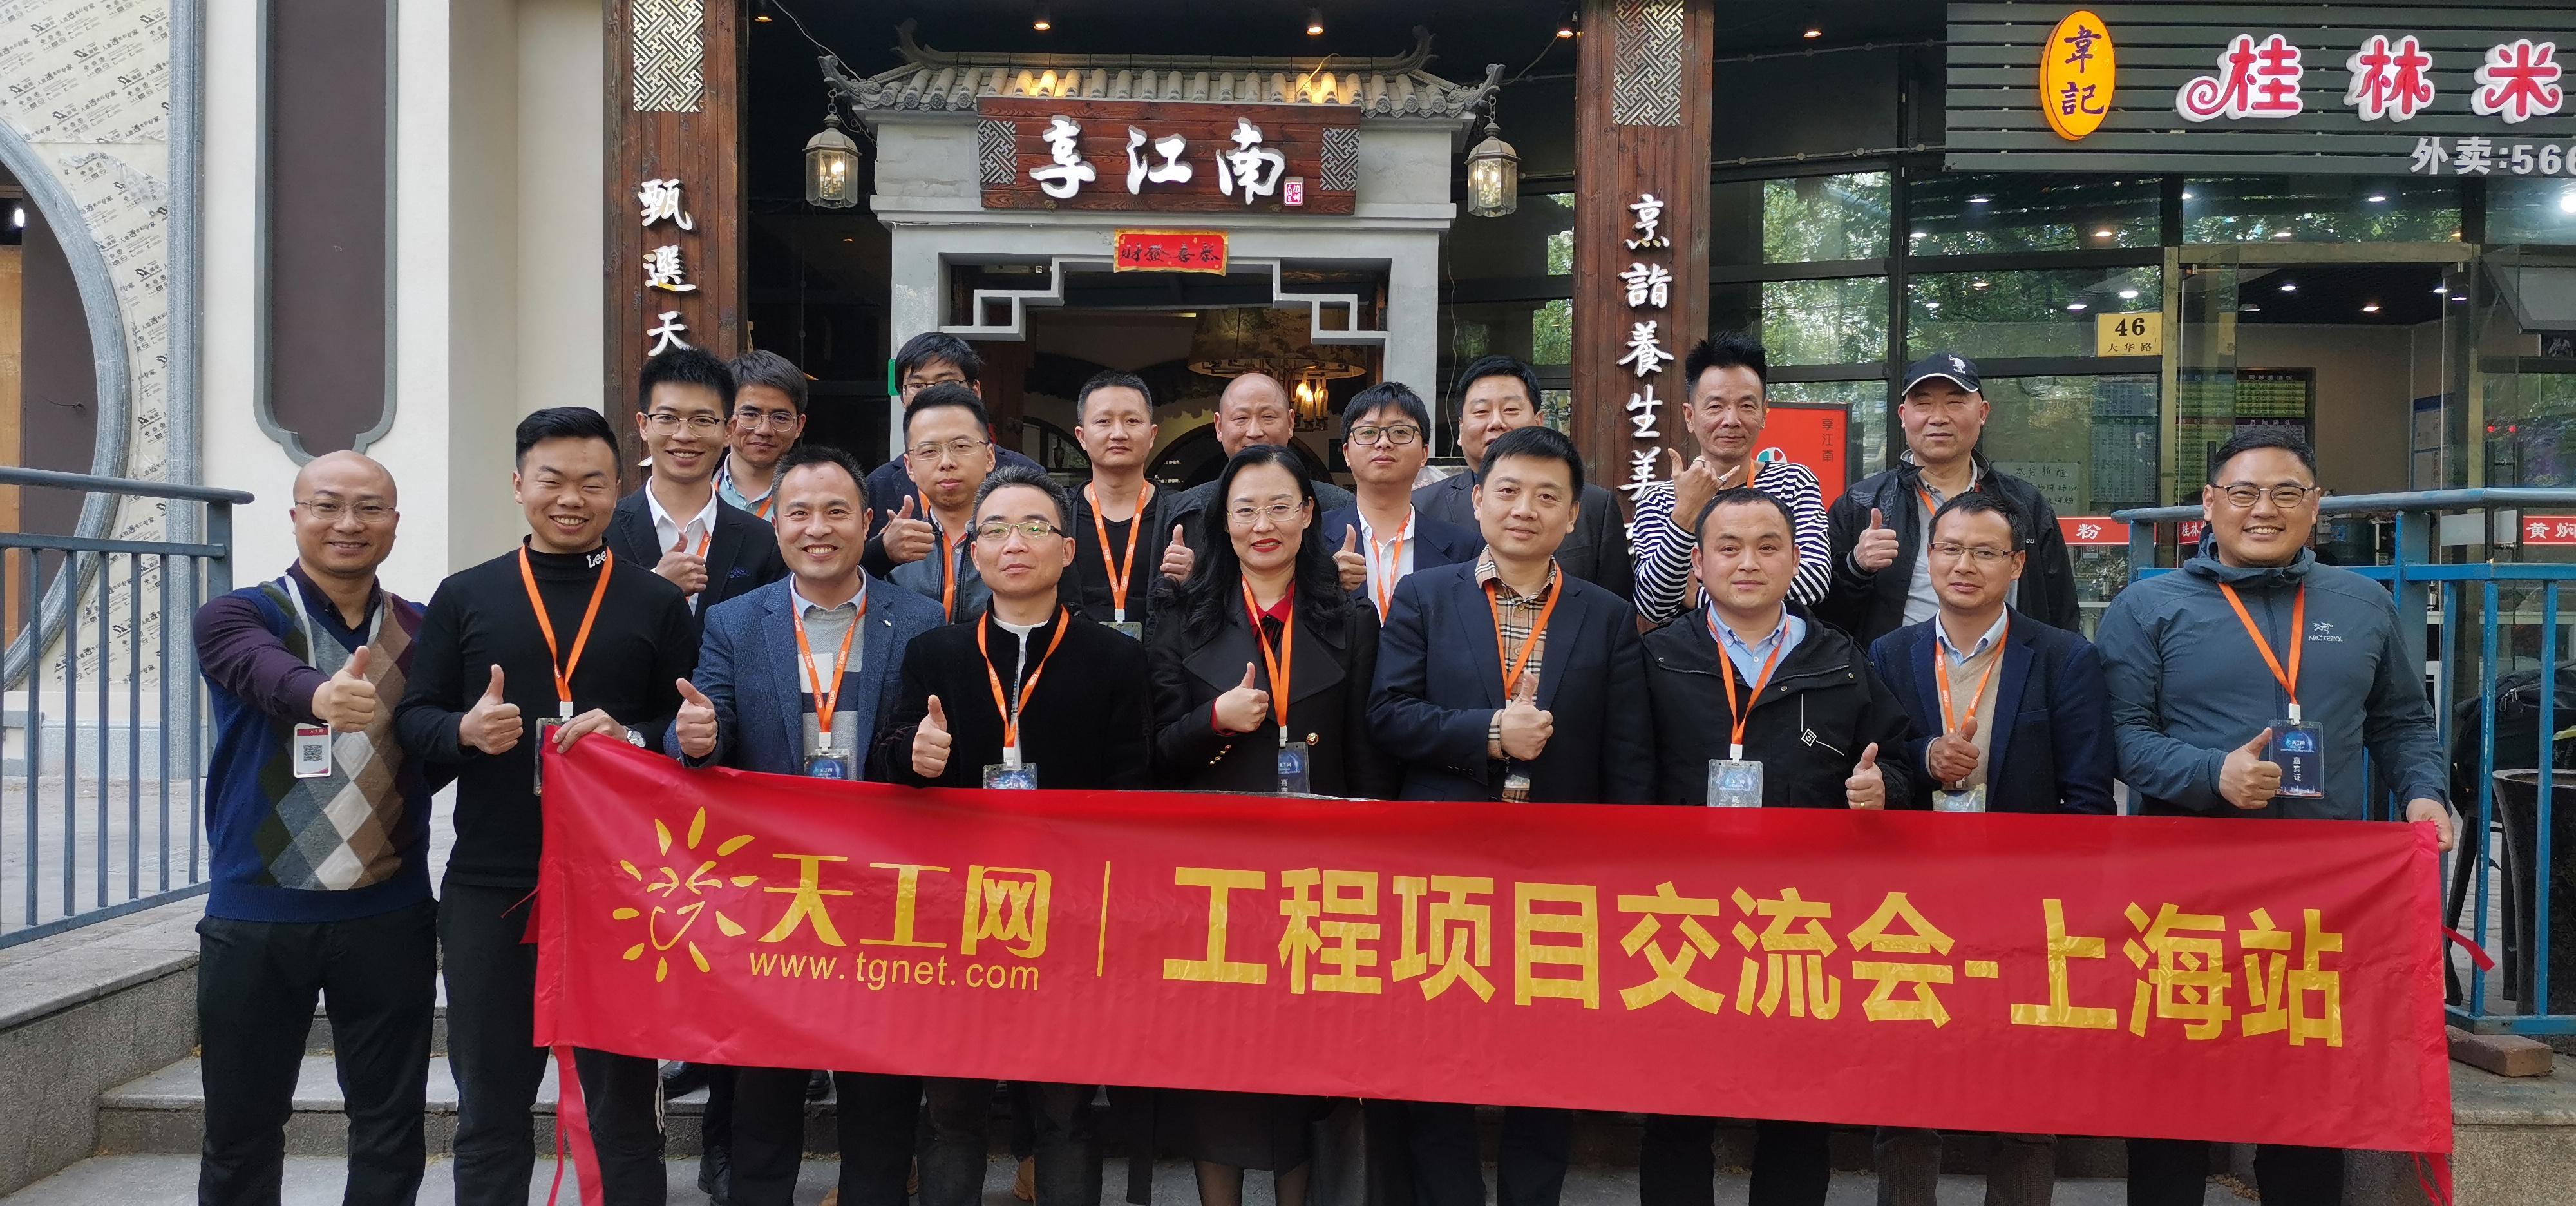 天工网工程项目交流会-上海站